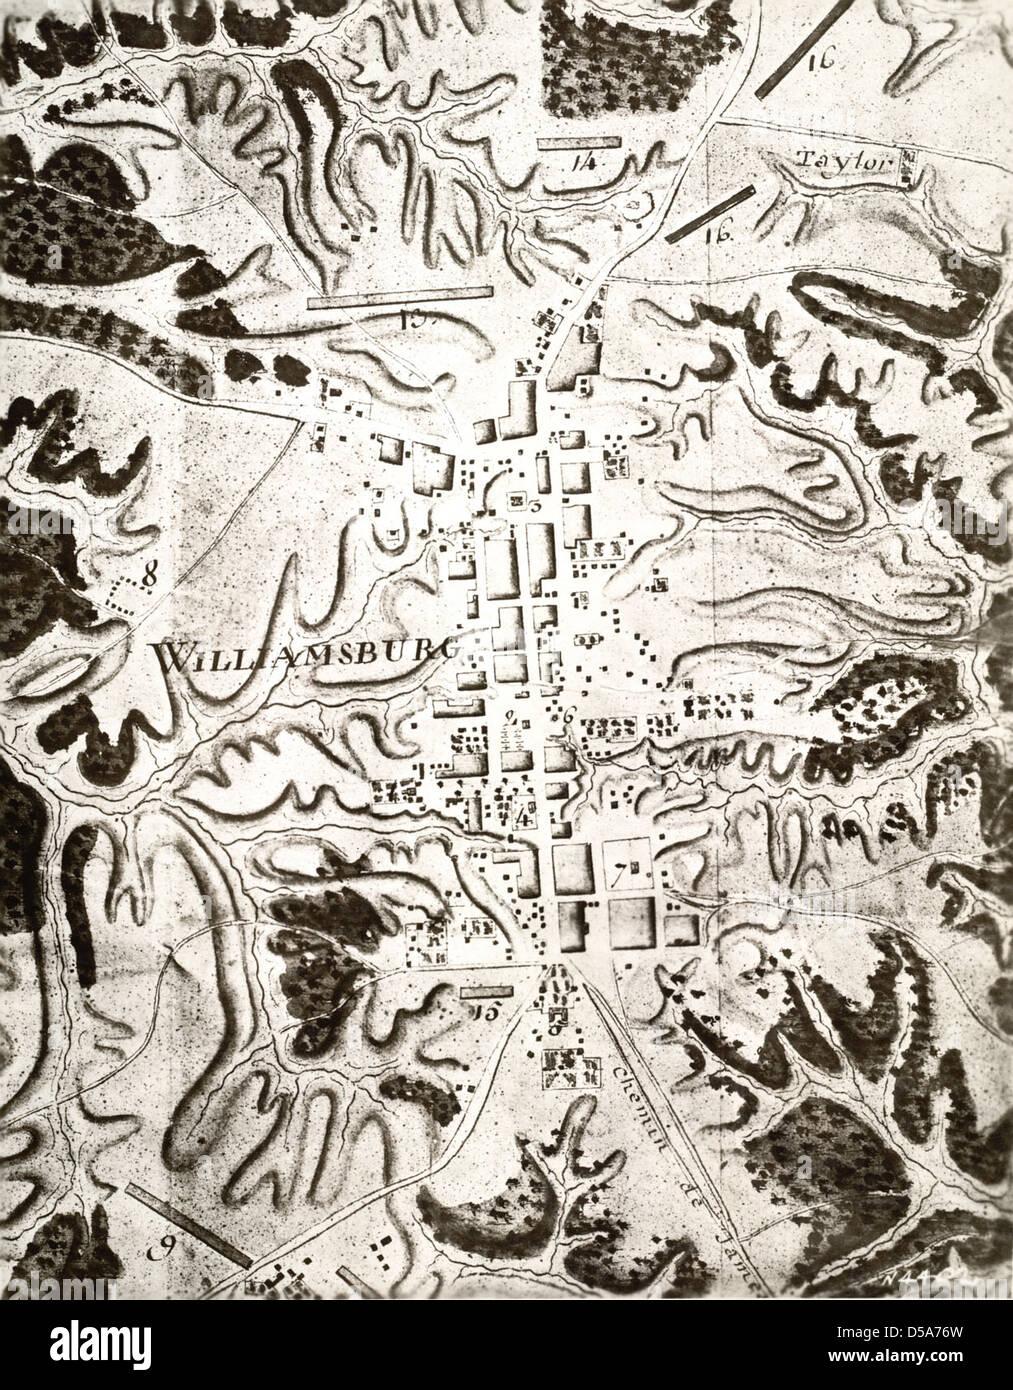 Rochambeau Military Map of Williamsburg, Virginia Stock Photo